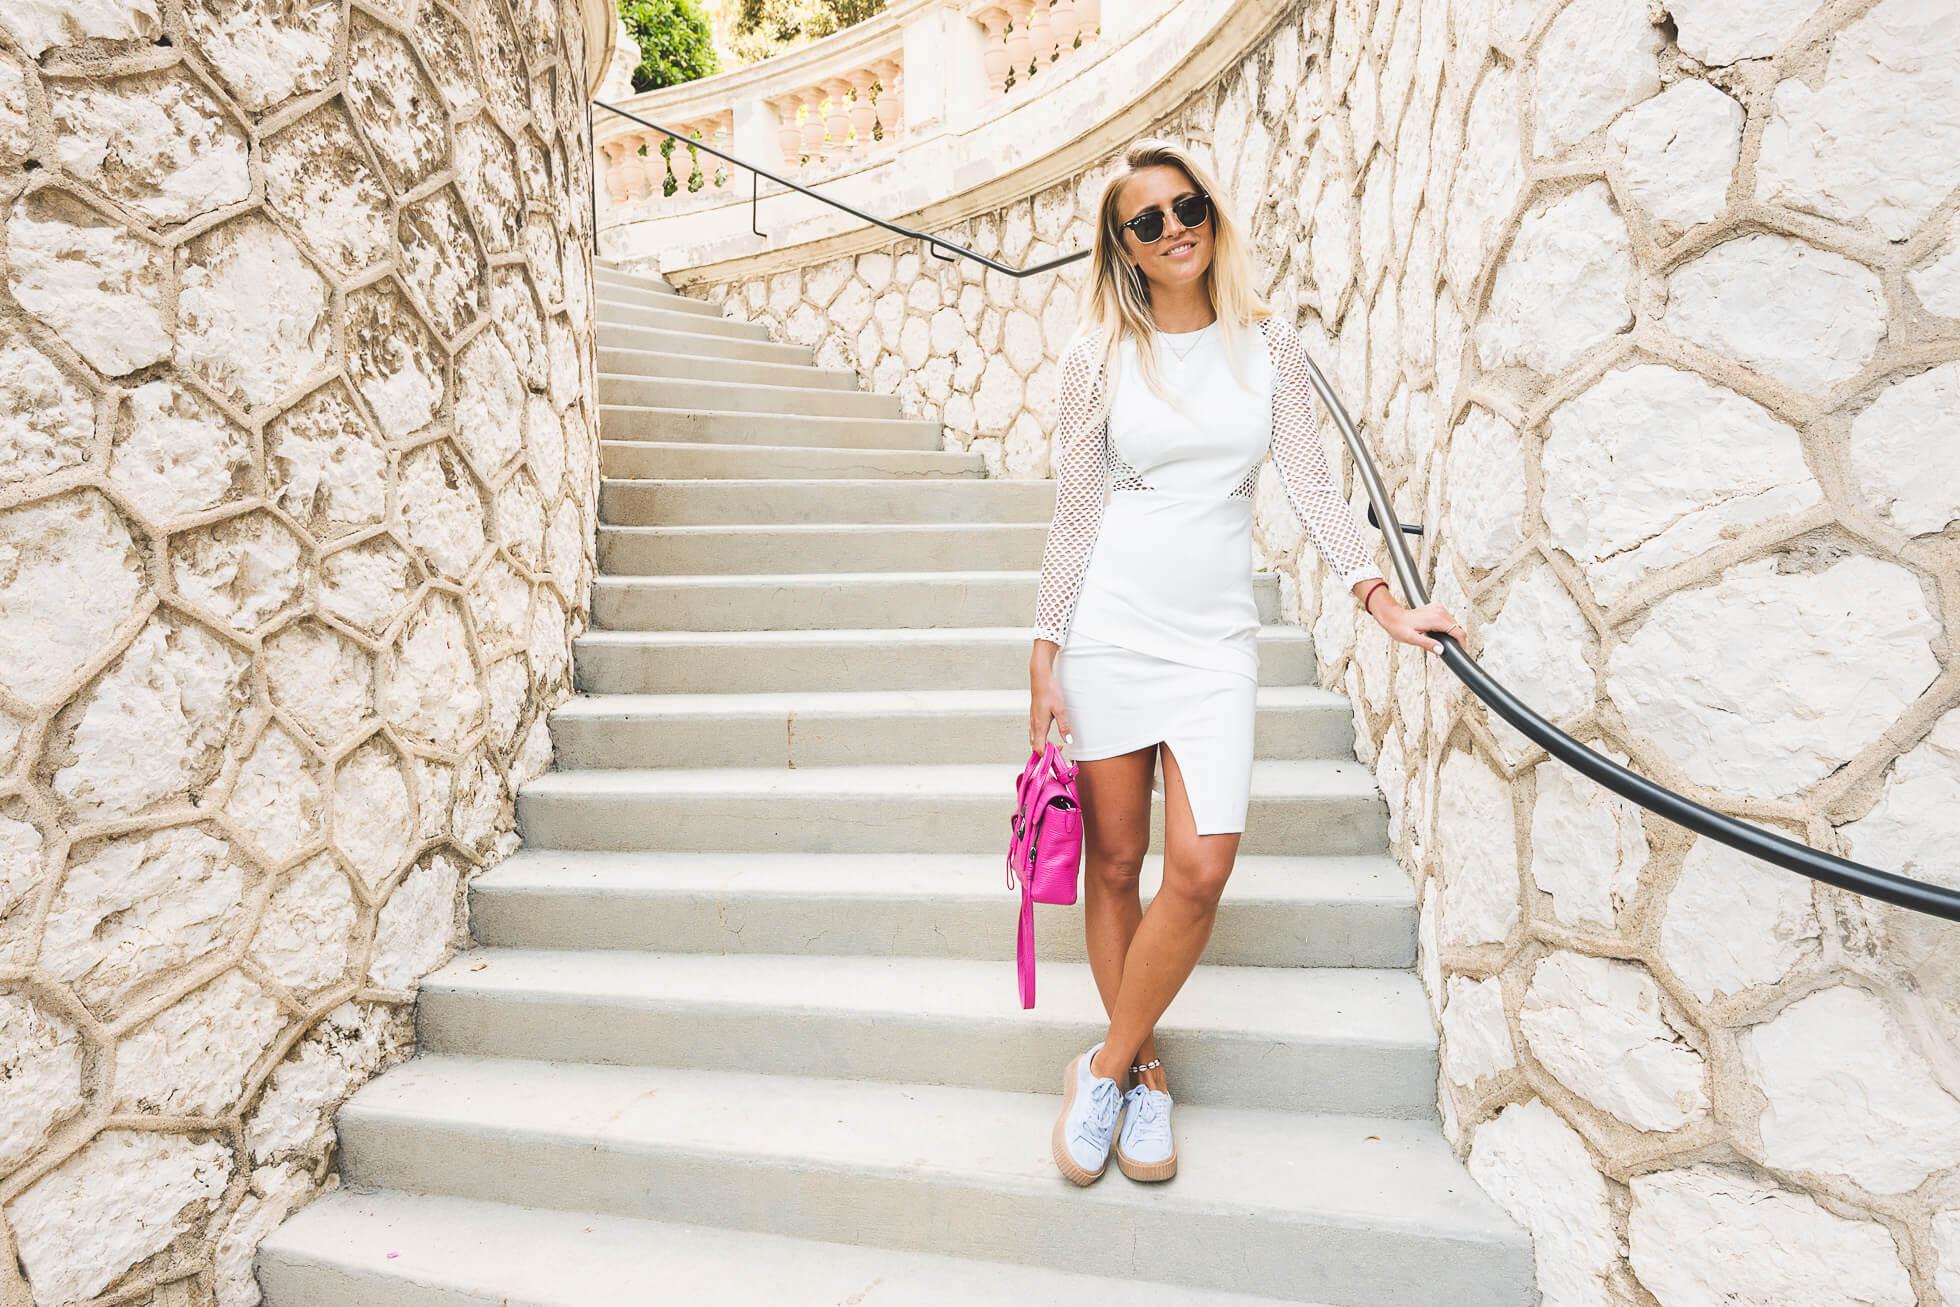 janni-deler-white-mesh-dressJ1040216